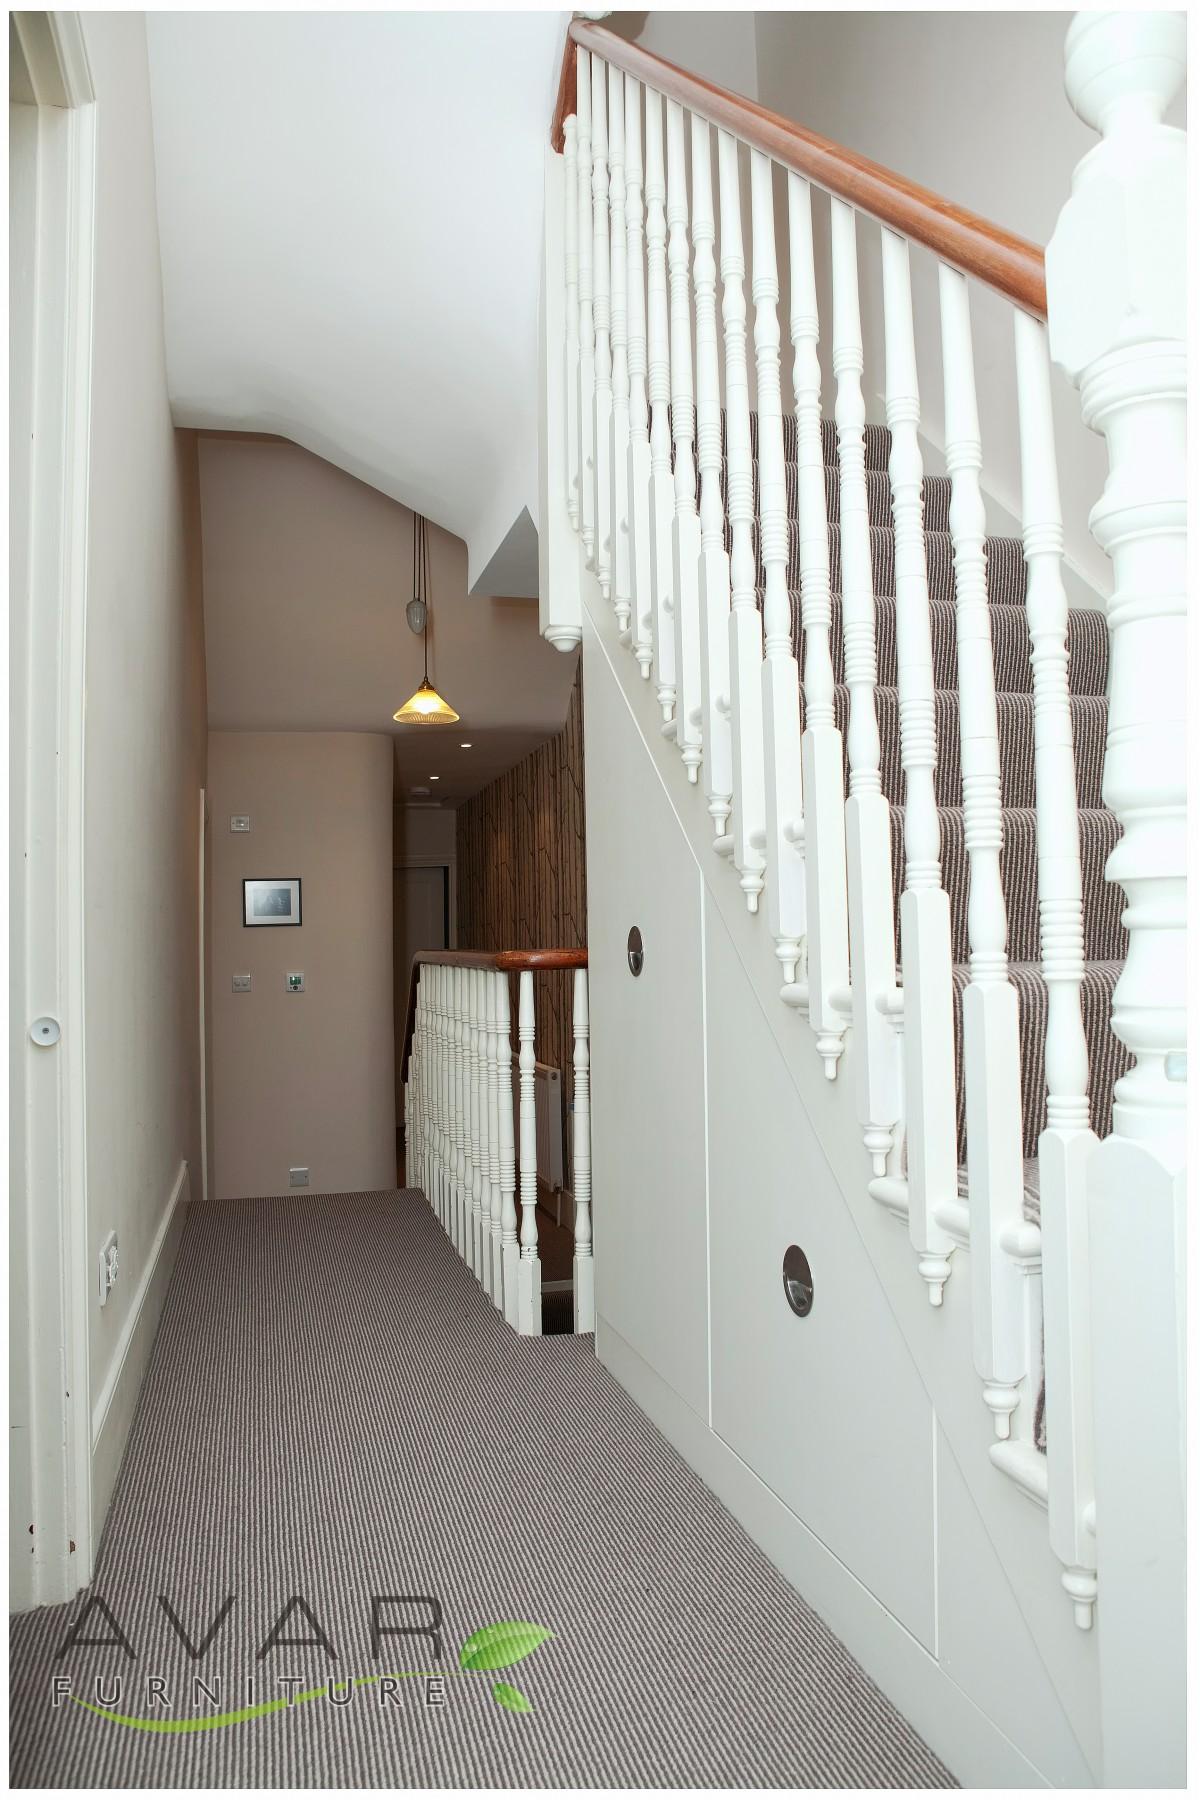 Furniture Design Under Staircase ƸӜƷ under stairs storage ideas | north london, uk | avar furniture